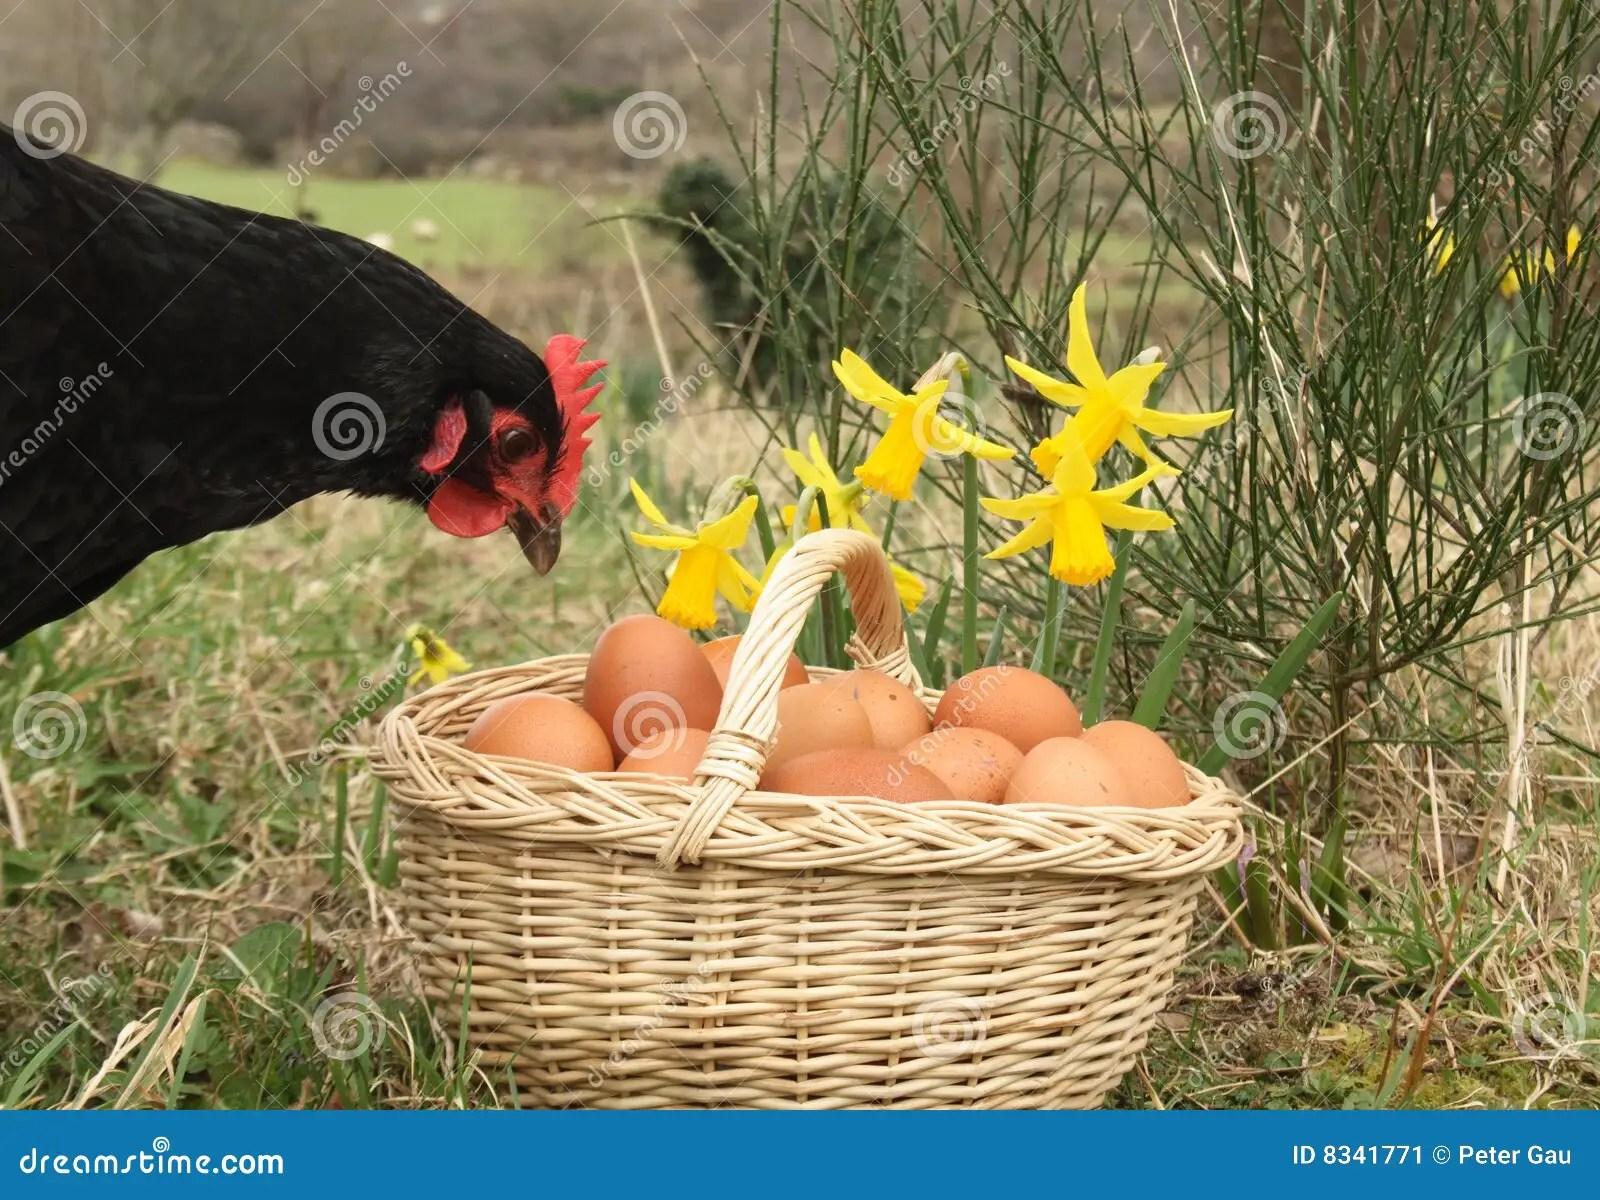 Egg Basket For Fridge